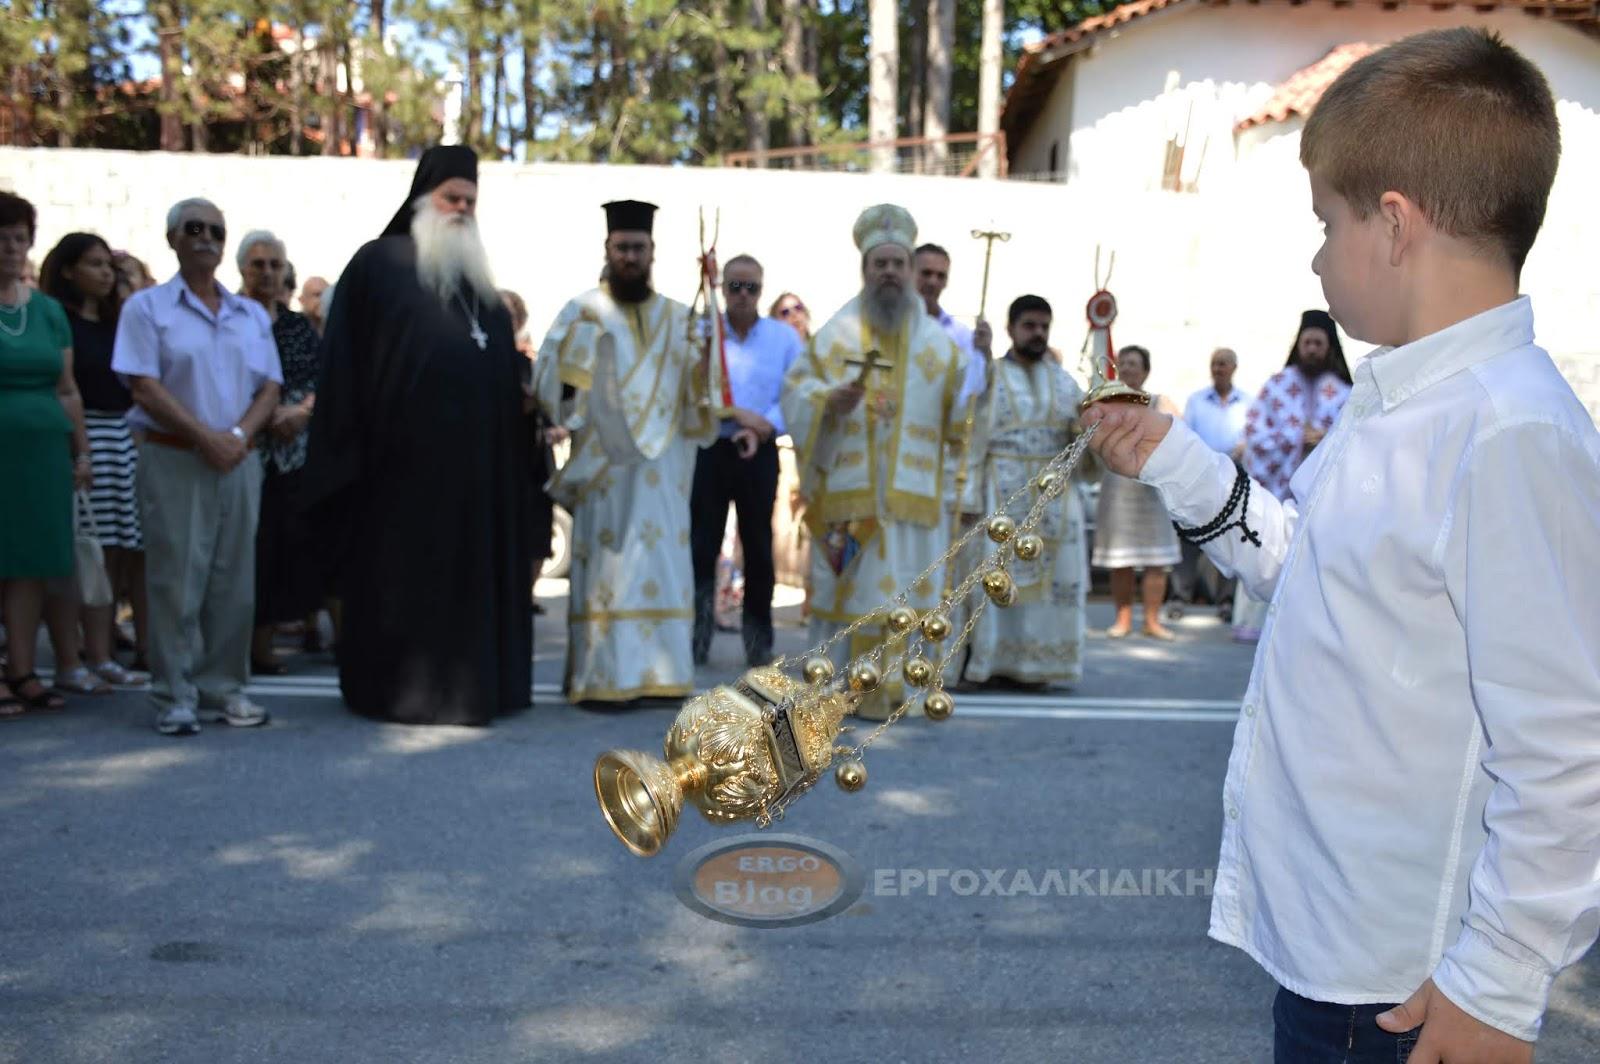 Γιορτή του Αγίου Αθανασίου του Αθωνίτη στο Παλαιοχώρι (φωτο βίντεο)